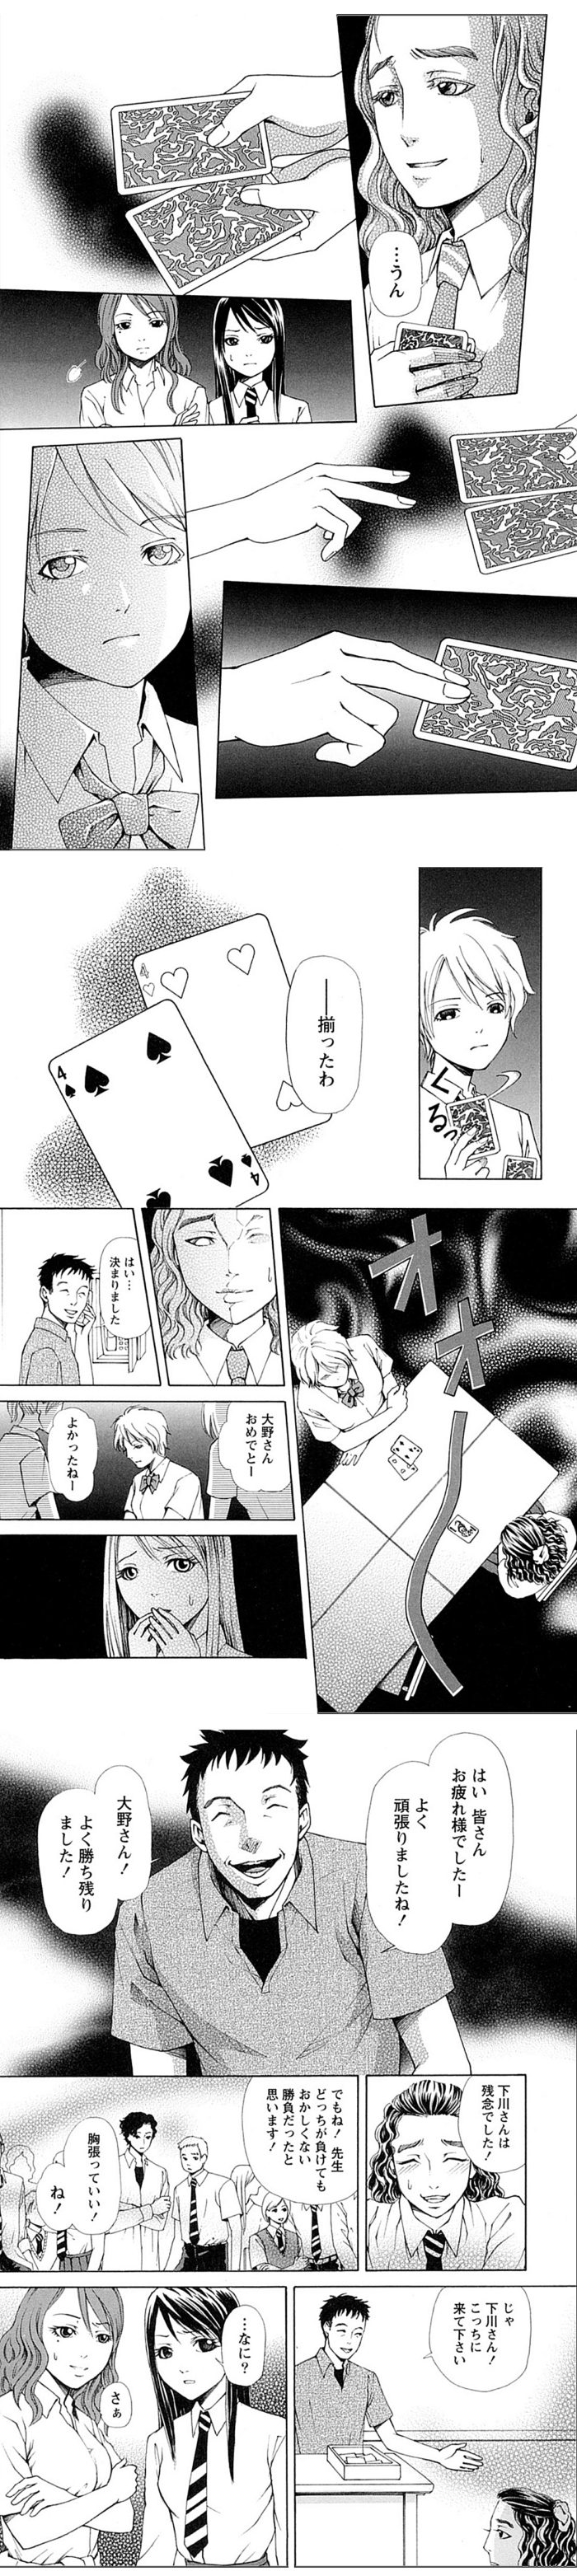 jokergame04-04a